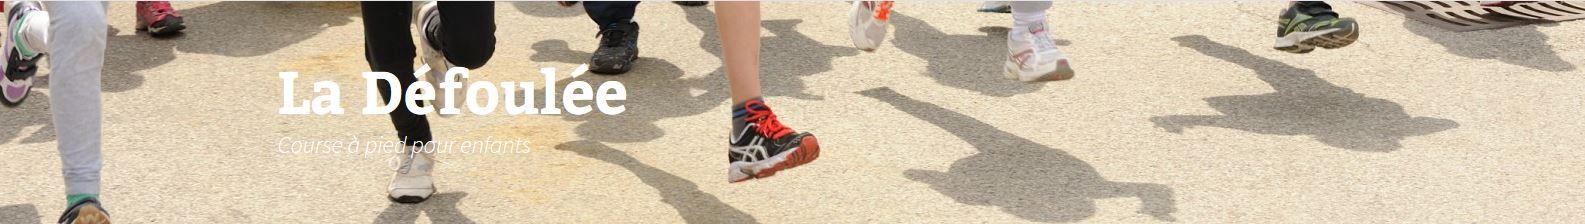 Daillens, course pour les enfants – La Défoulée ne s'essouffle pas !